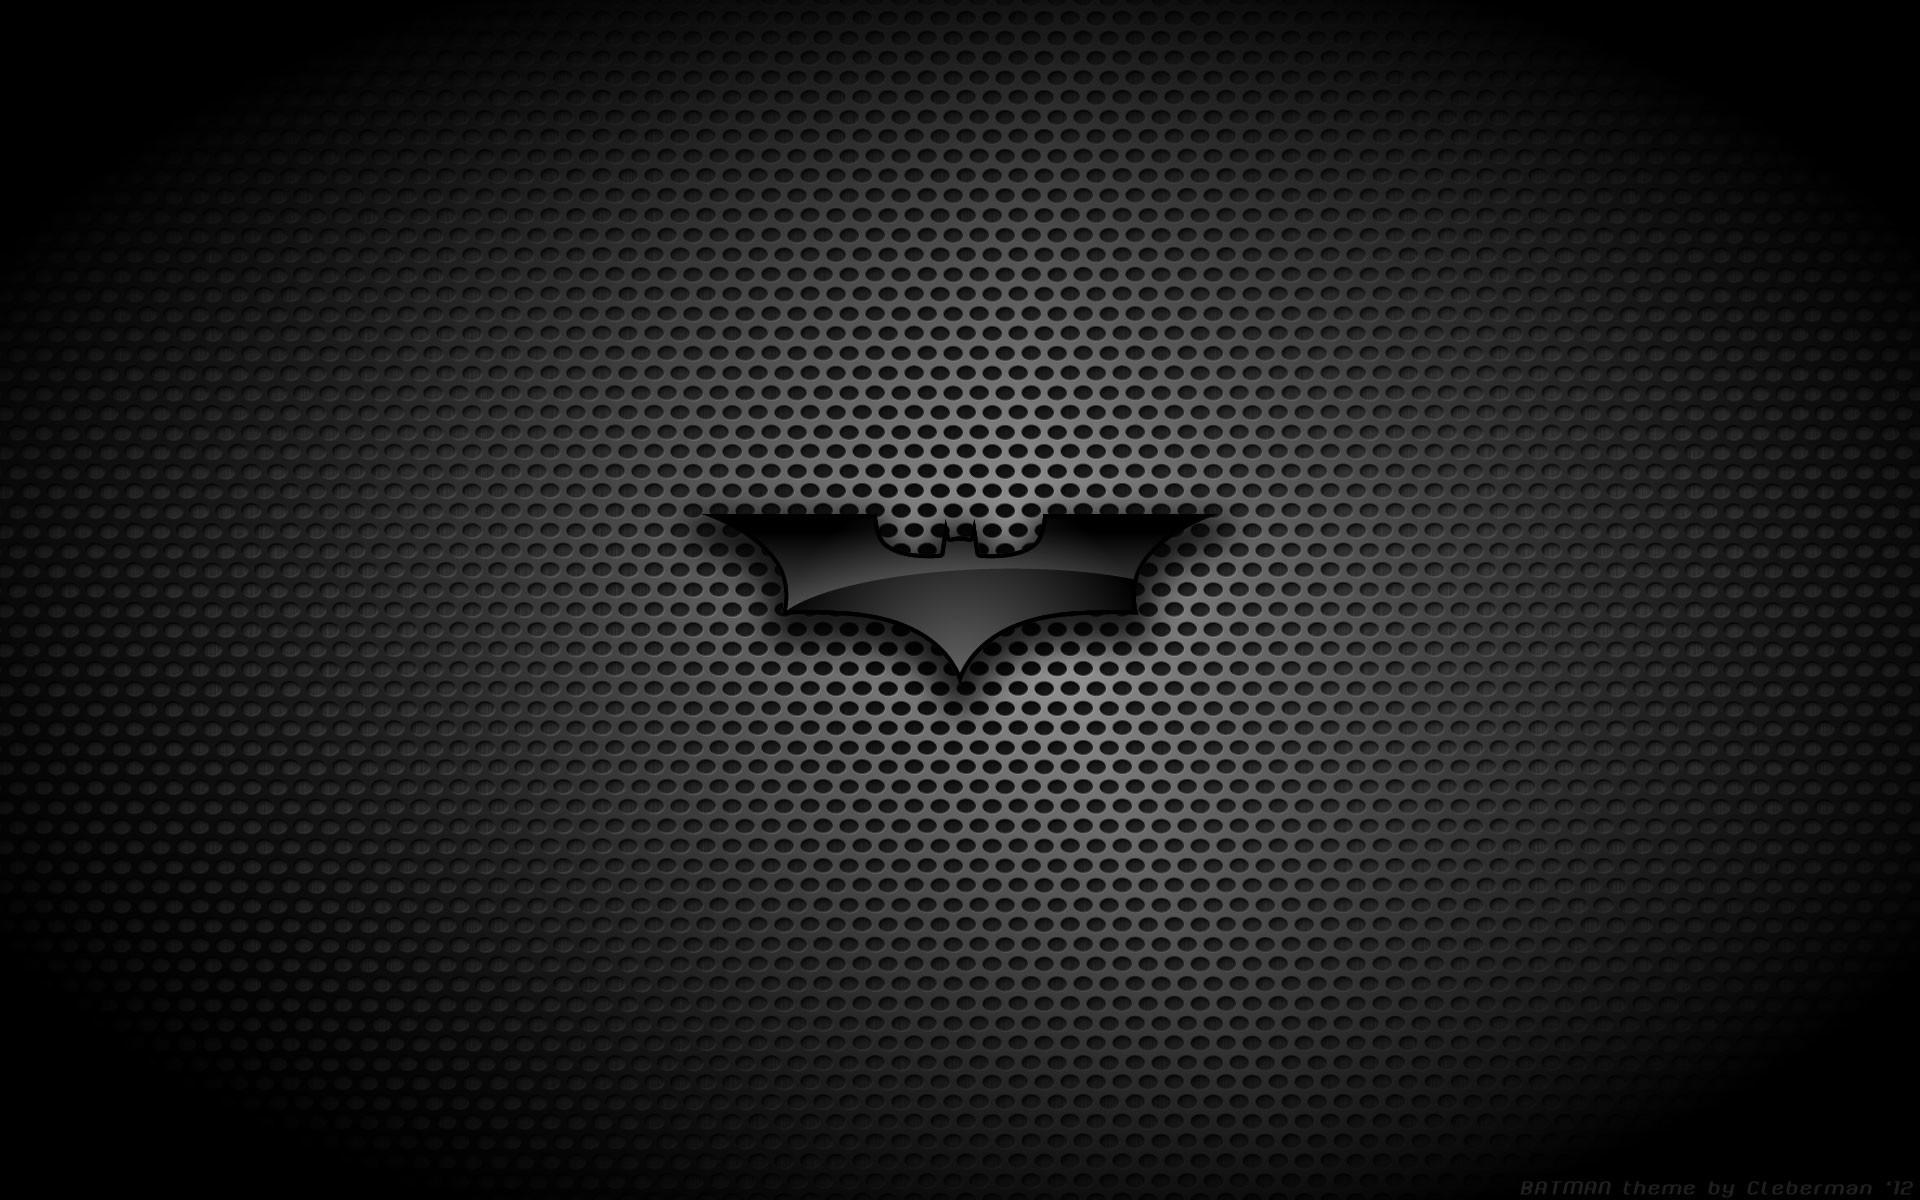 Comics Batman Wallpaper for desktop Download Batmin Logo for your desktop